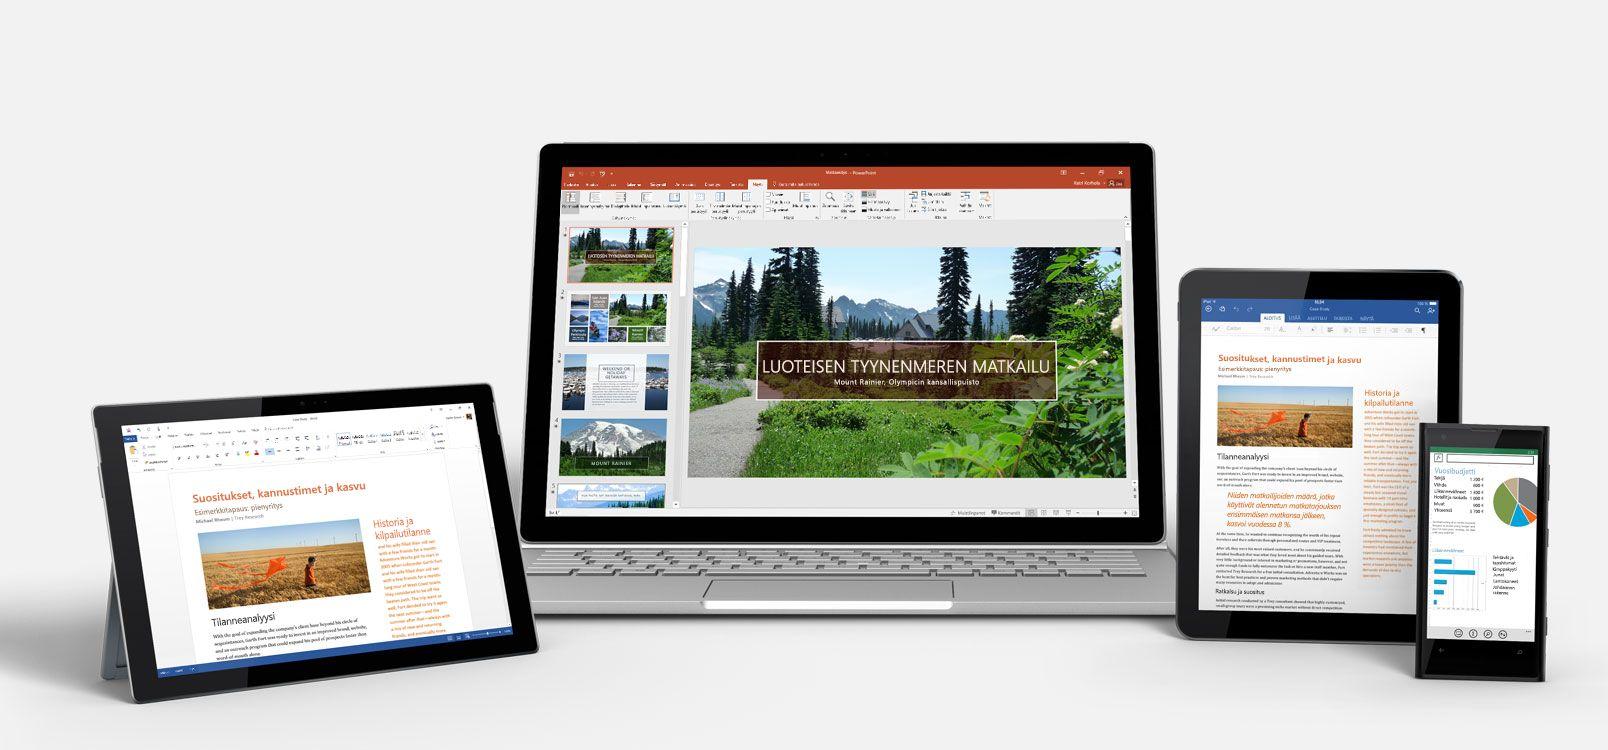 Windows-tabletti, kannettava tietokone, iPad ja älypuhelin, joissa Office 365 on käytössä.